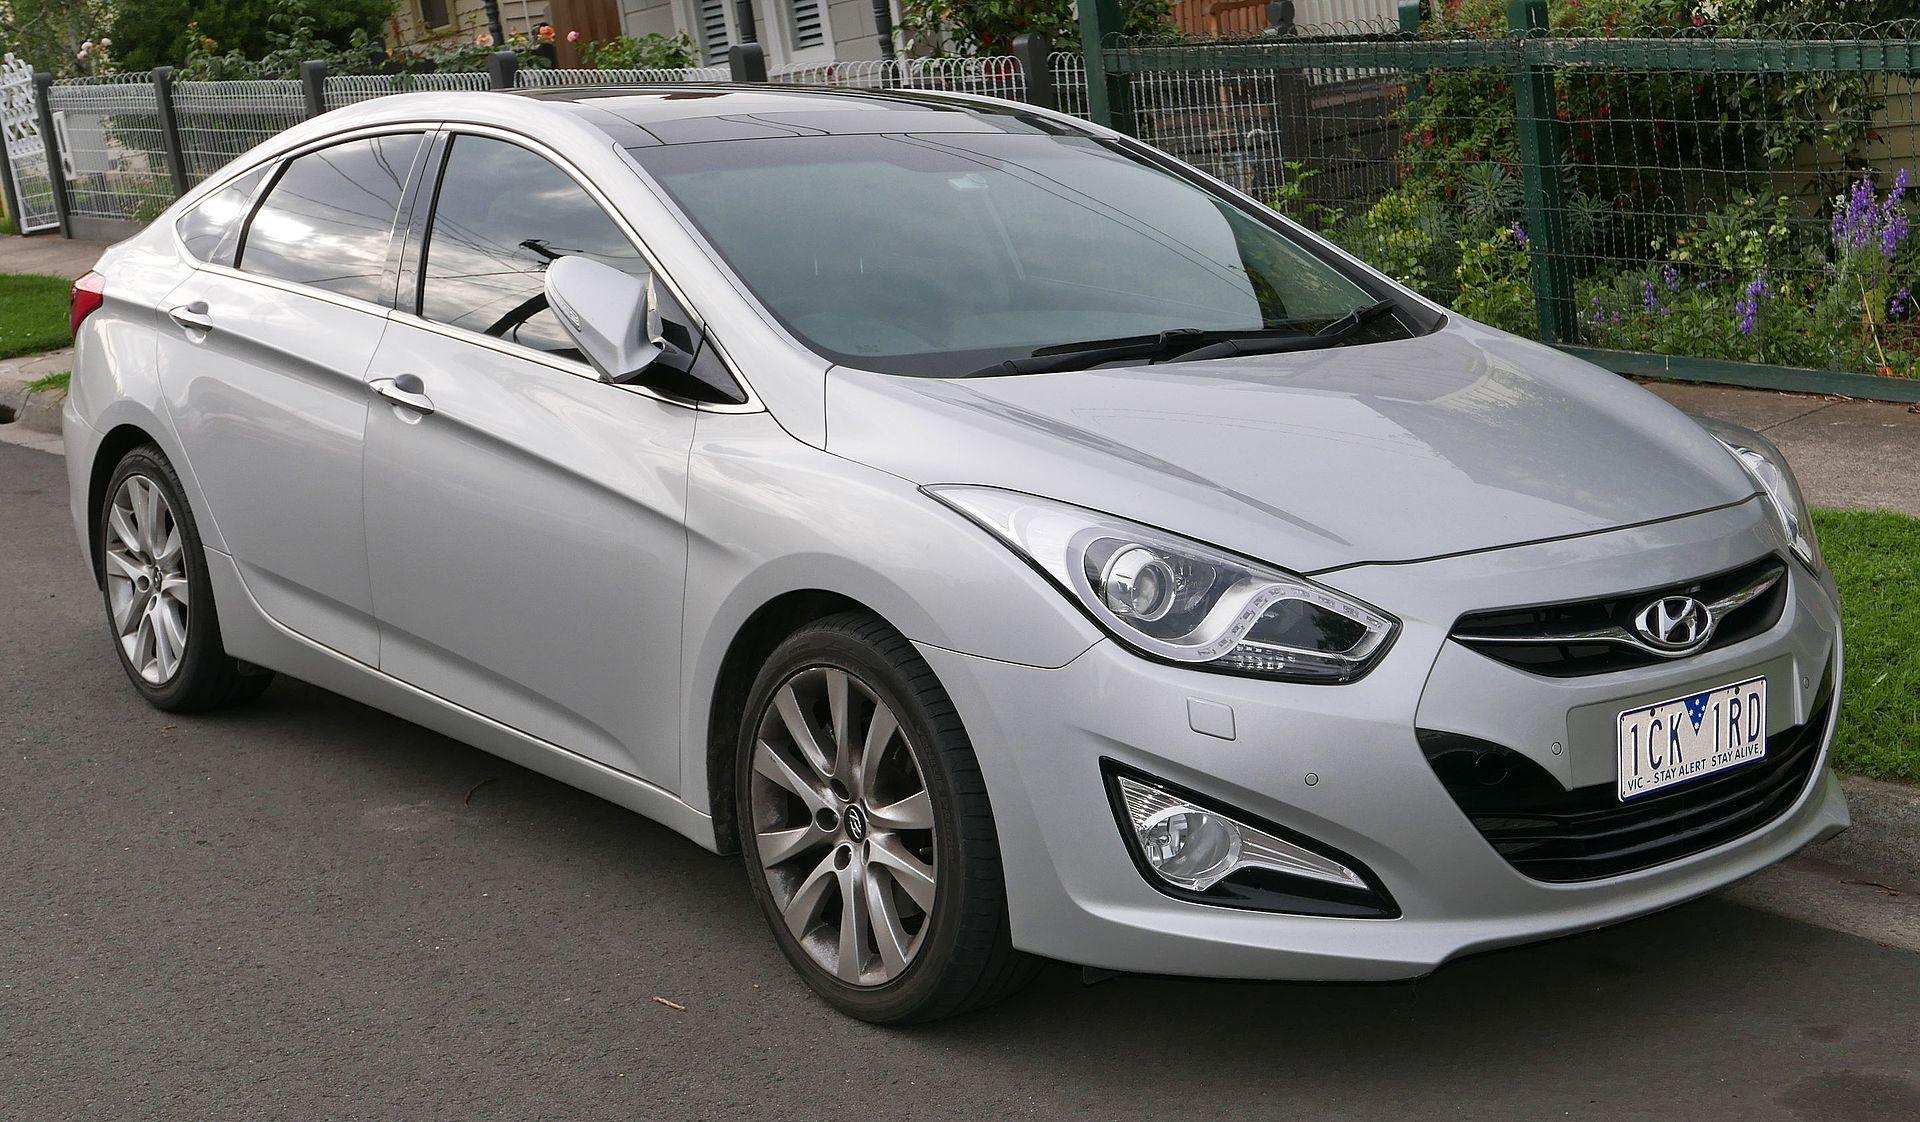 Hyundai i40 wikipedia for Hyundai motor company usa